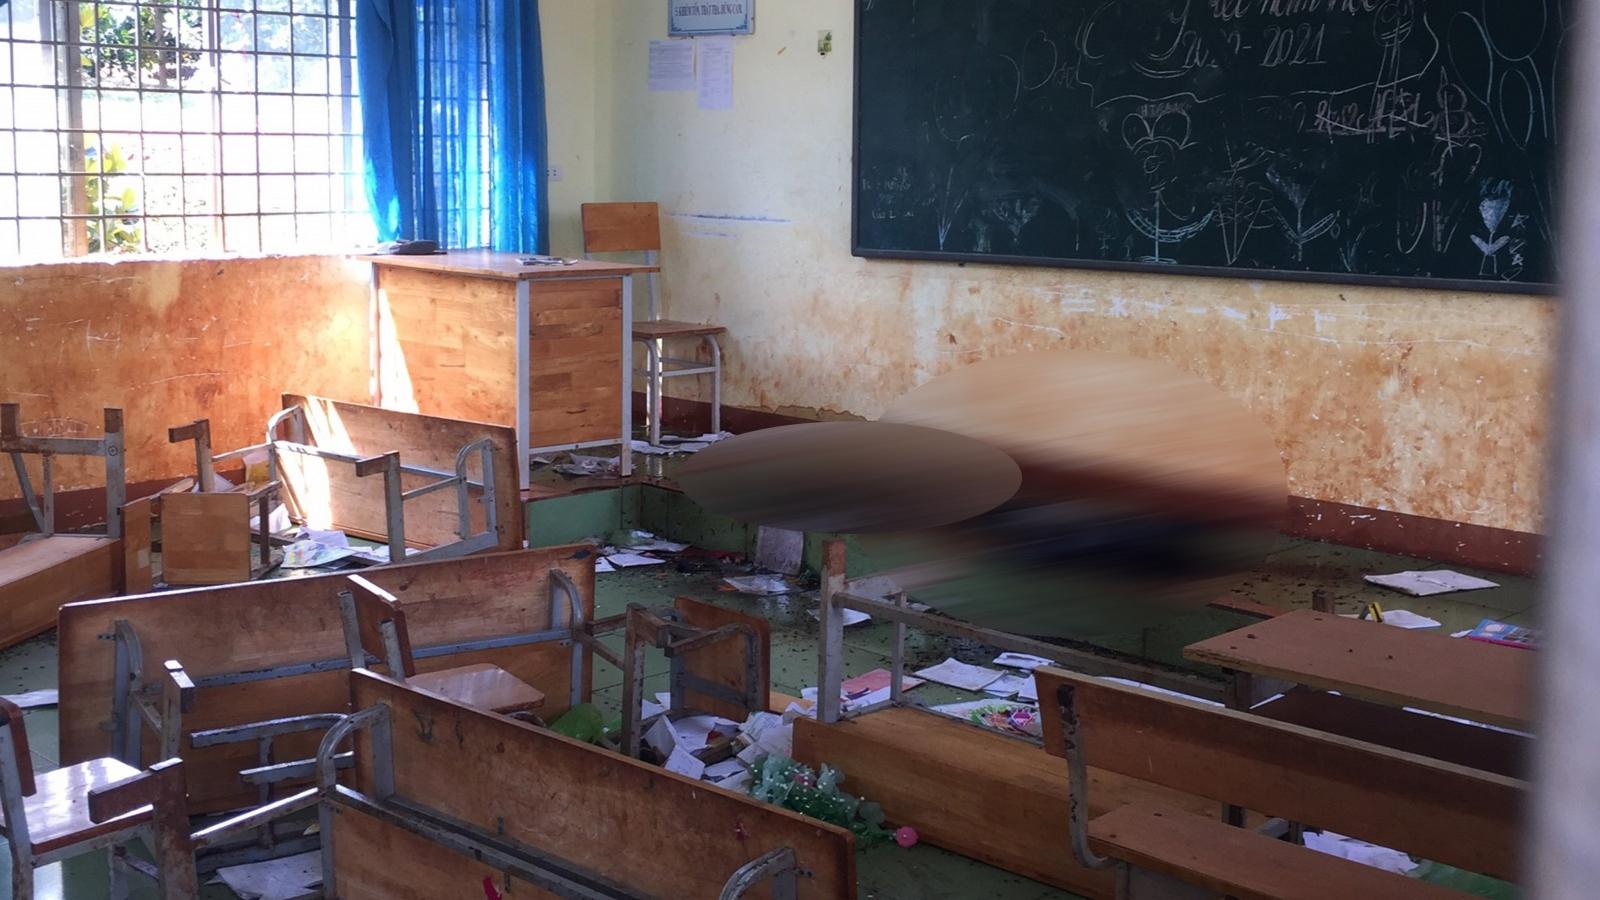 Phát hiện thi thể thiếu nữ đang phân hủy trong phòng học ở Đắk Lắk